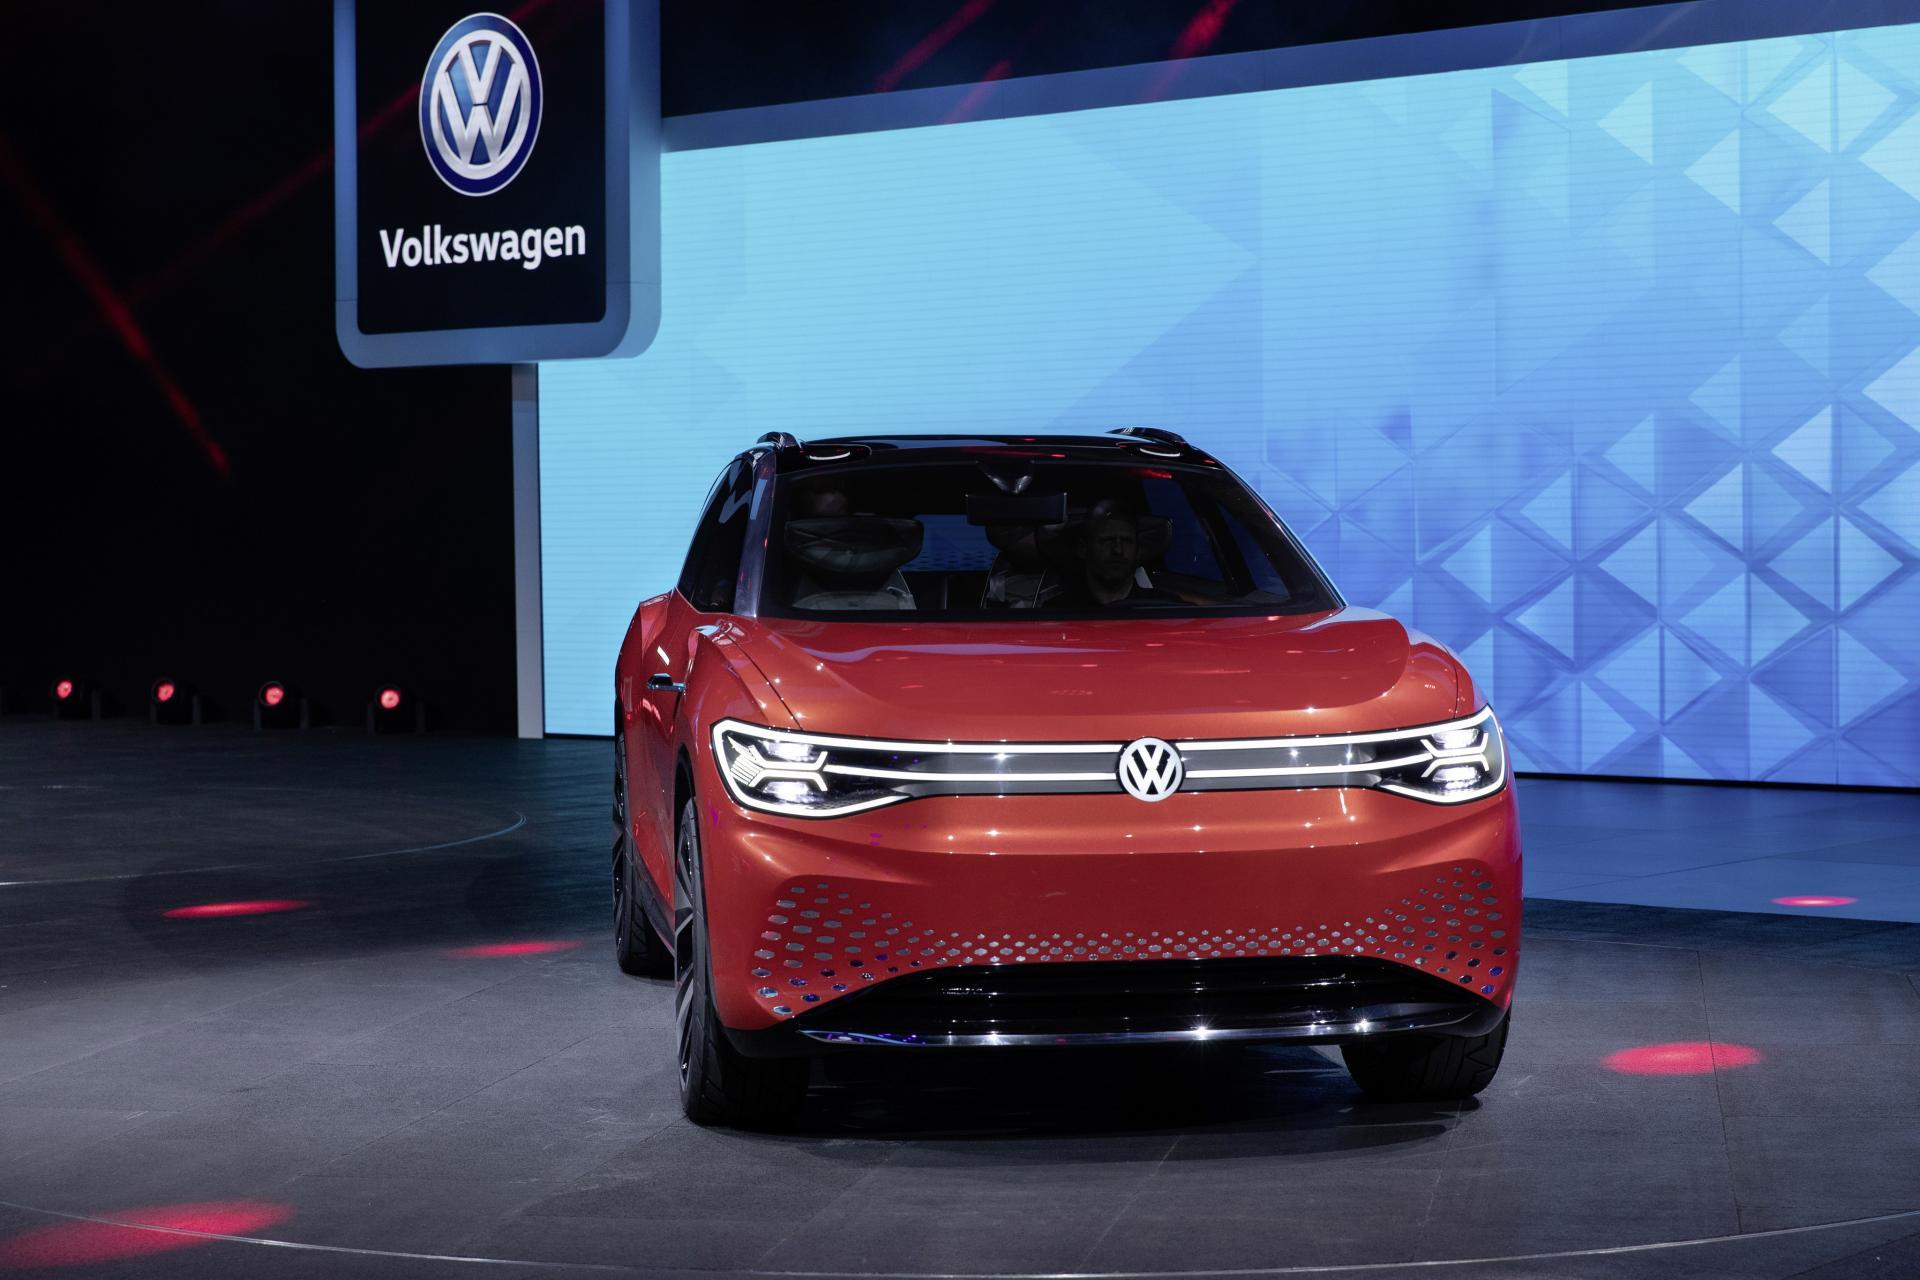 VW beginnt mit der Vorproduktion des 7-Sitzer E-SUV ID. Roomzz in China